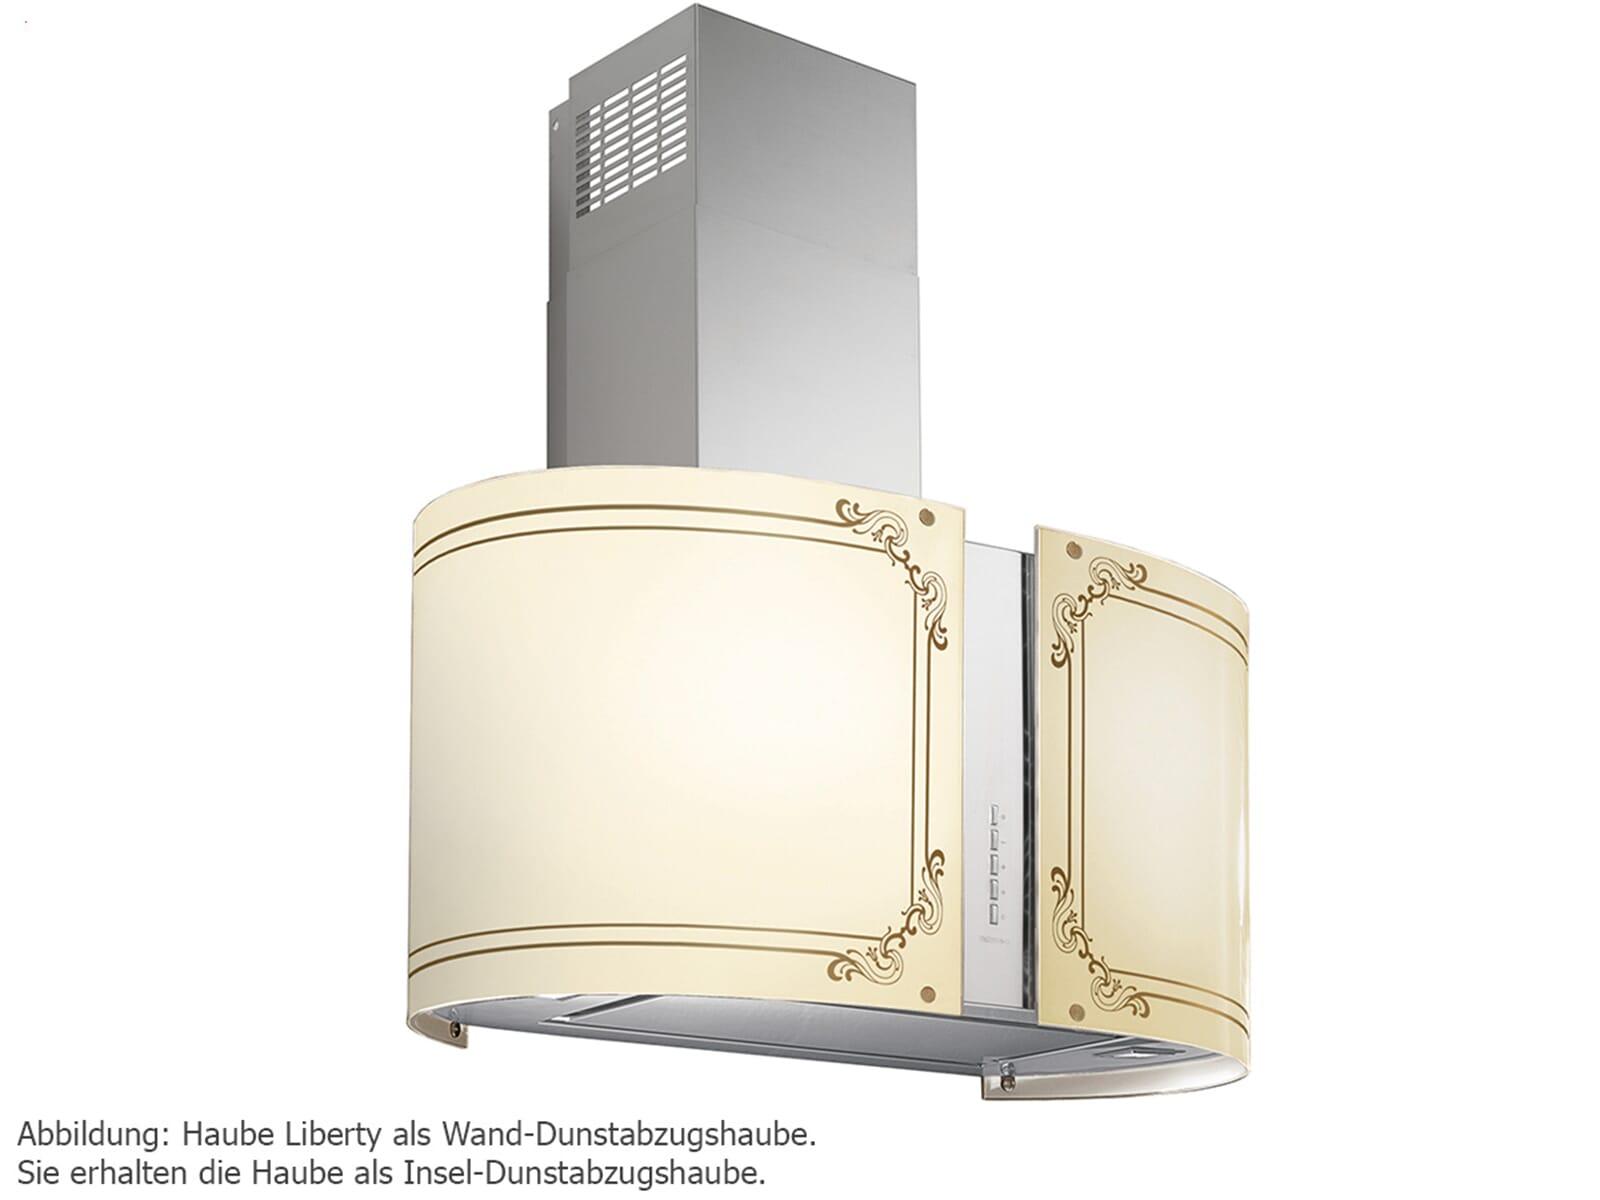 falmec mirabilia liberty insel dunstabzugshaube edelstahl f r 2060 10 eur. Black Bedroom Furniture Sets. Home Design Ideas